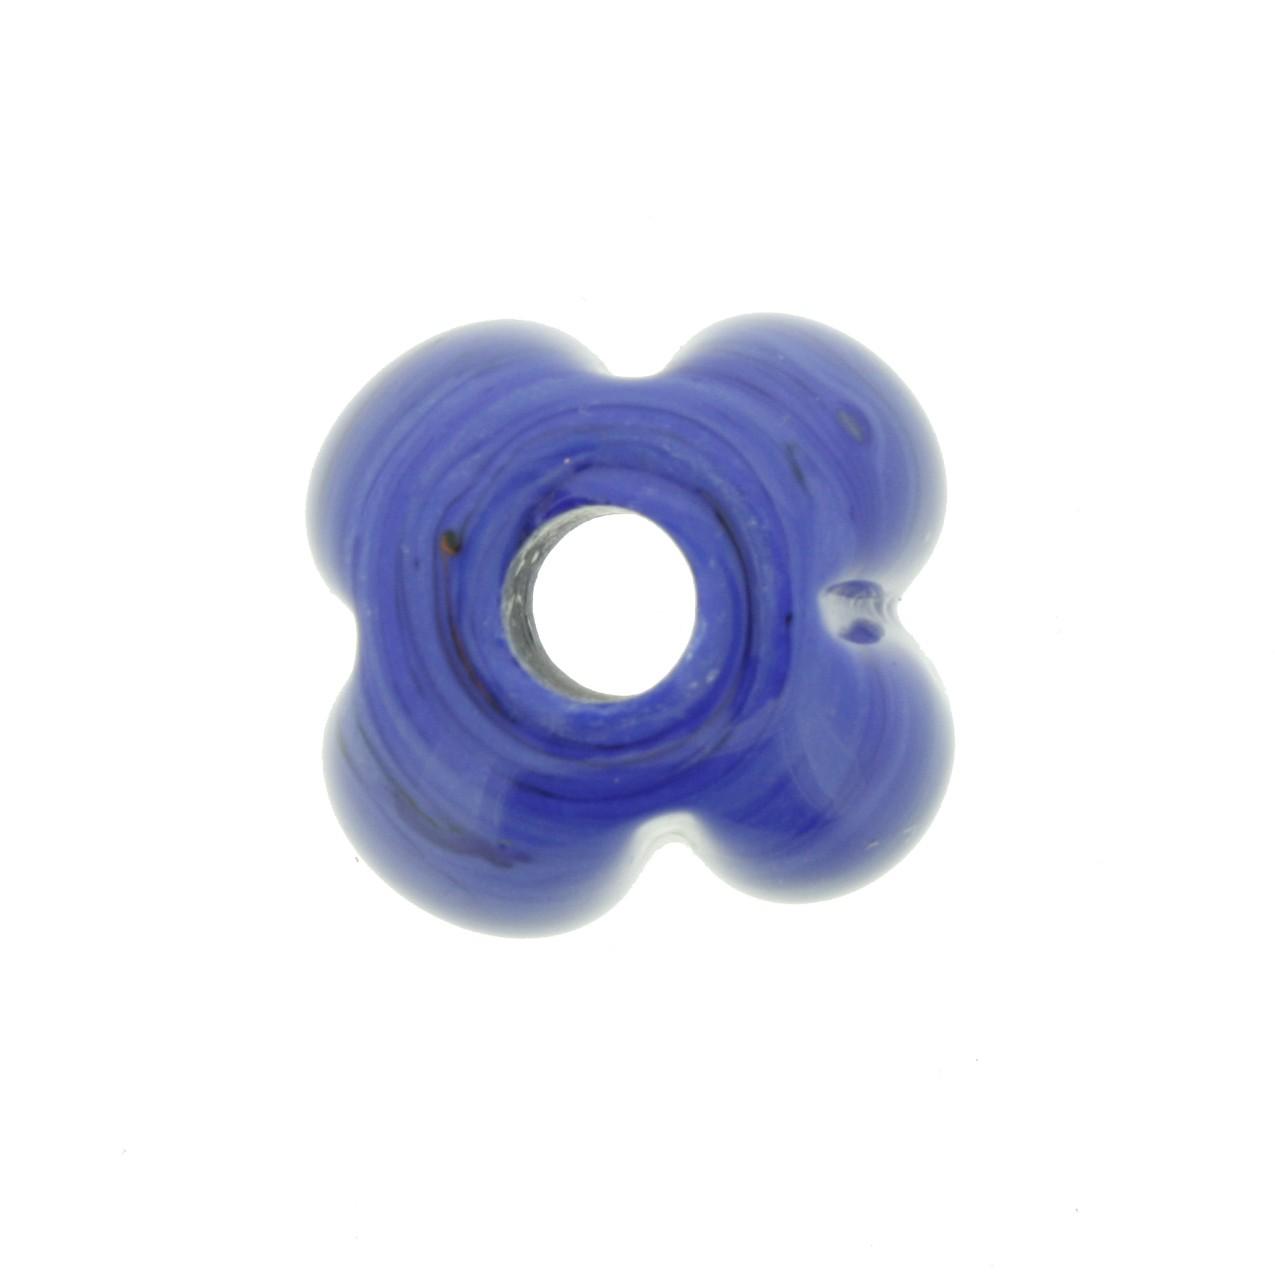 Firma Pitanga - Azul  - Universo Religioso® - Artigos de Umbanda e Candomblé